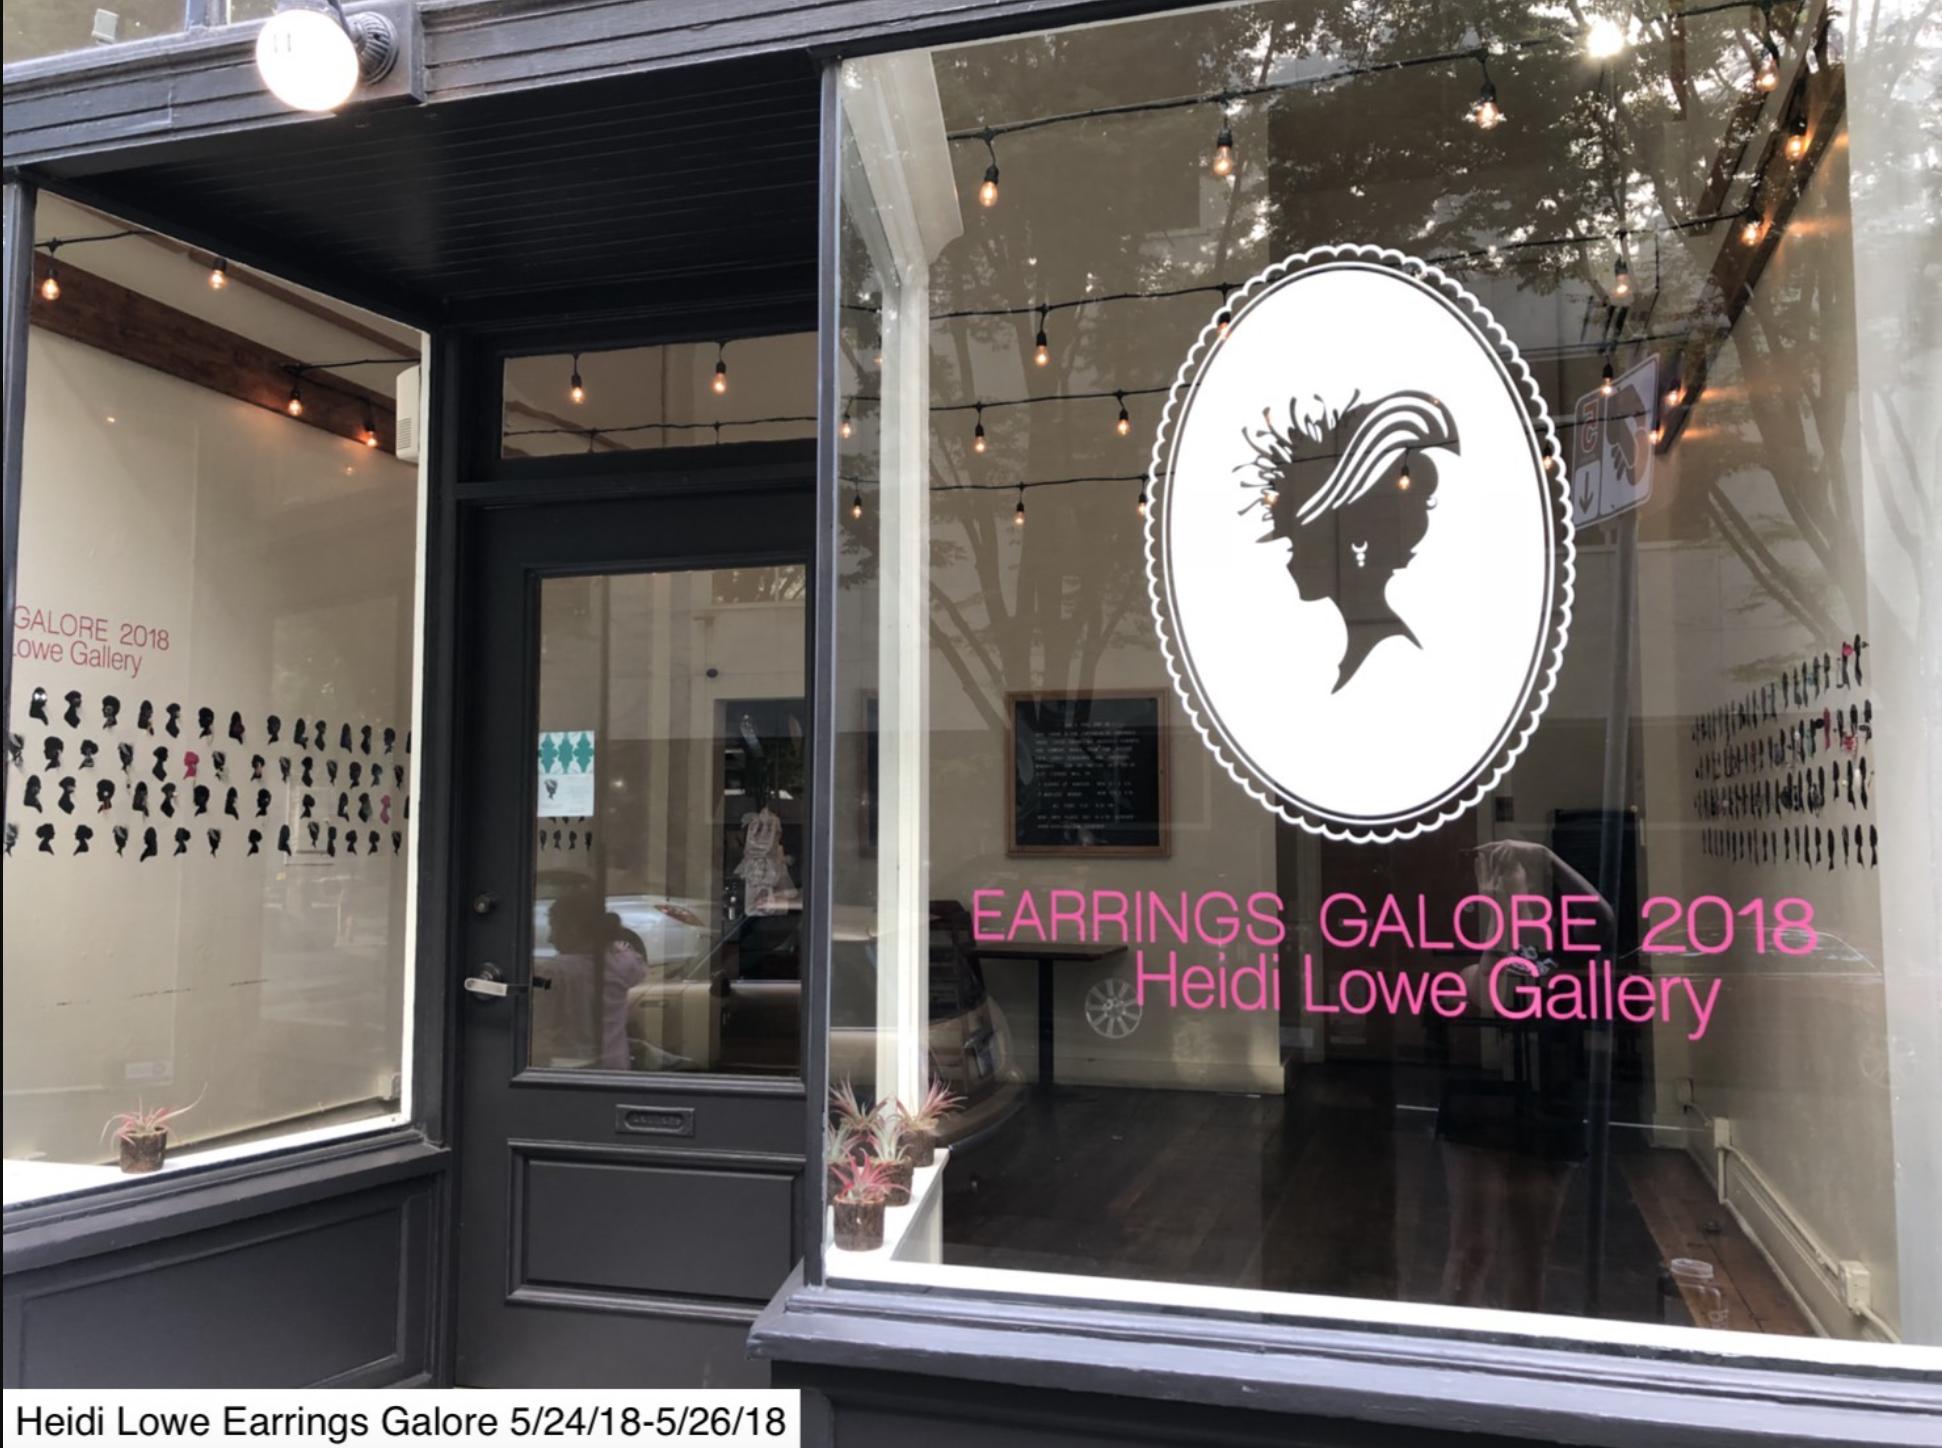 Heidi Lowes Earrings Gallery